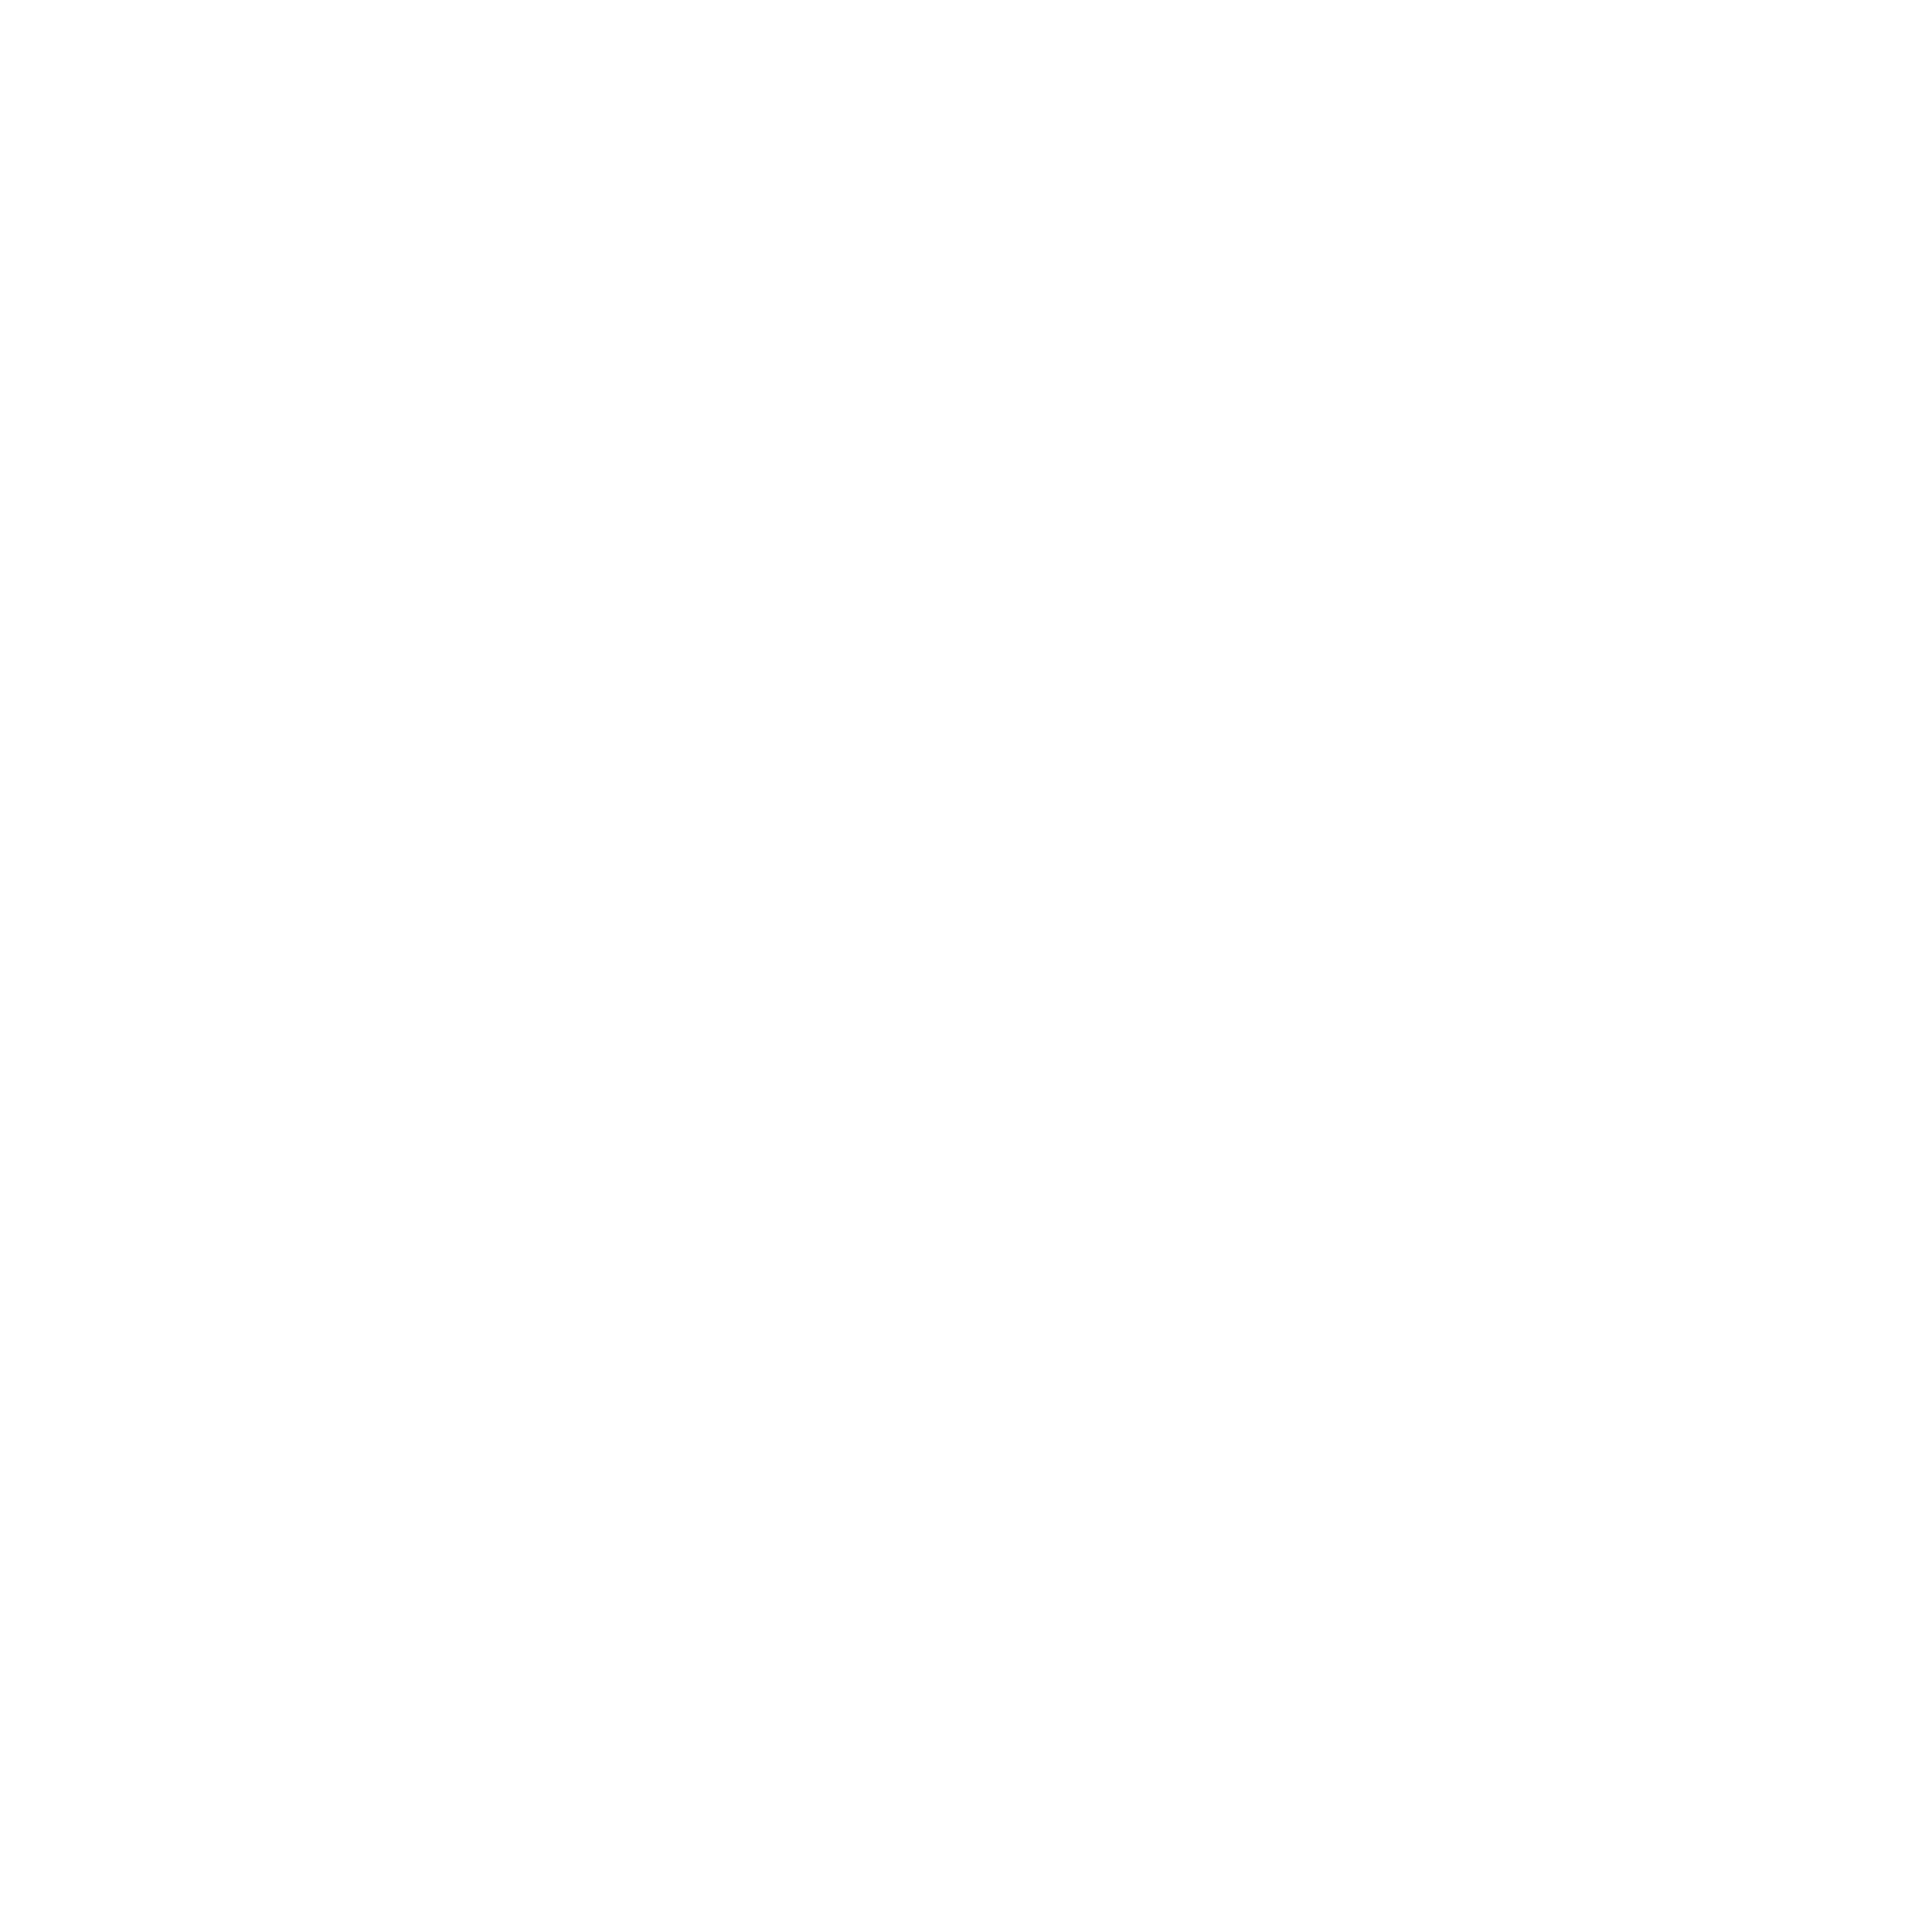 Крышка для унитаза SYDANIT белая АКЦЕНТ, дюропласт с микролифтом SYDANIT - 1